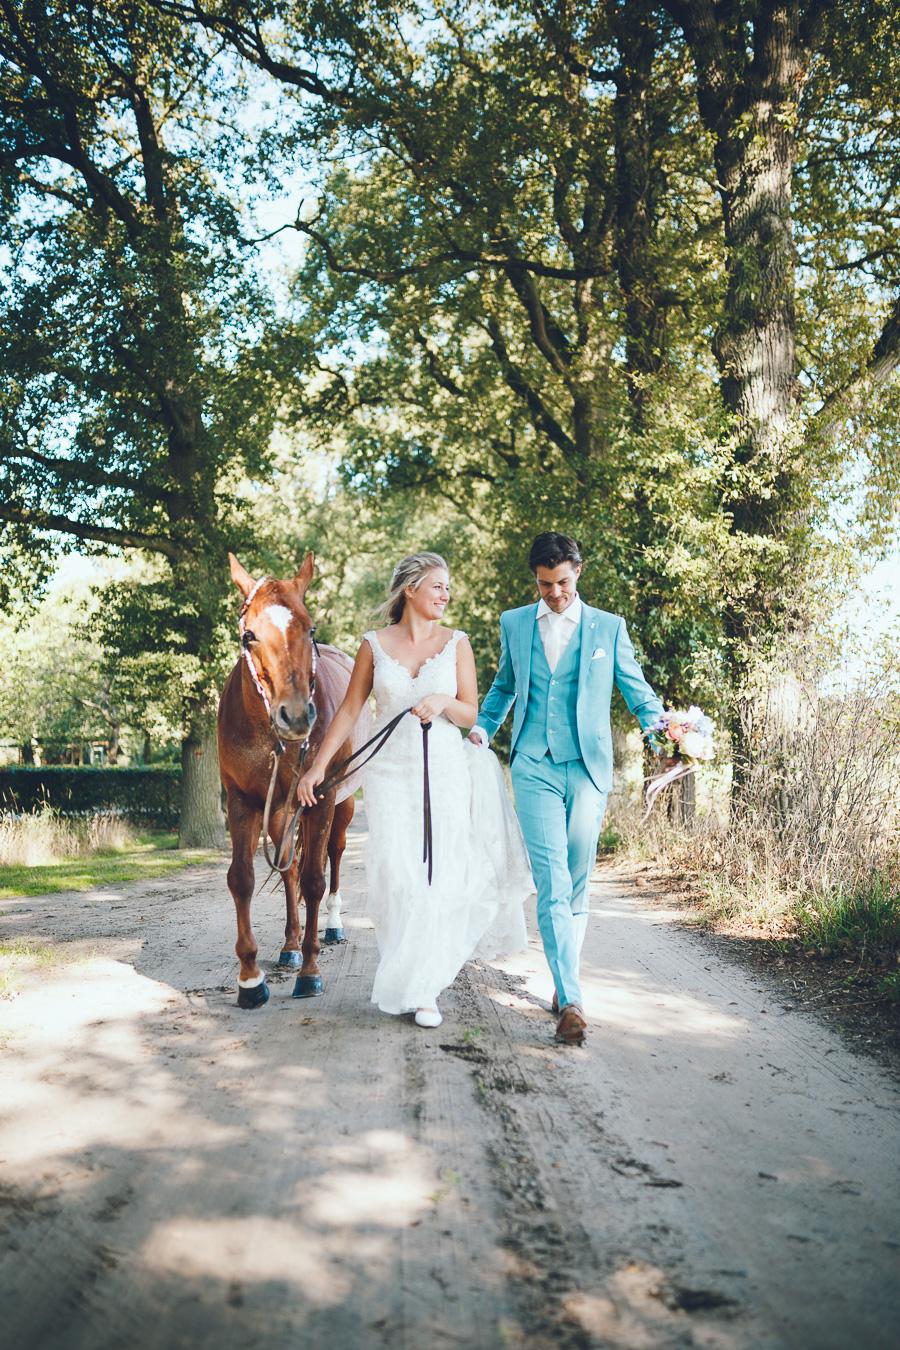 Bruid en bruidegom lopen met een paard naast zich op een zandweg tijdens bruiloft thuis op erf van oude boerderij trouwfotograaf Apeldoorn